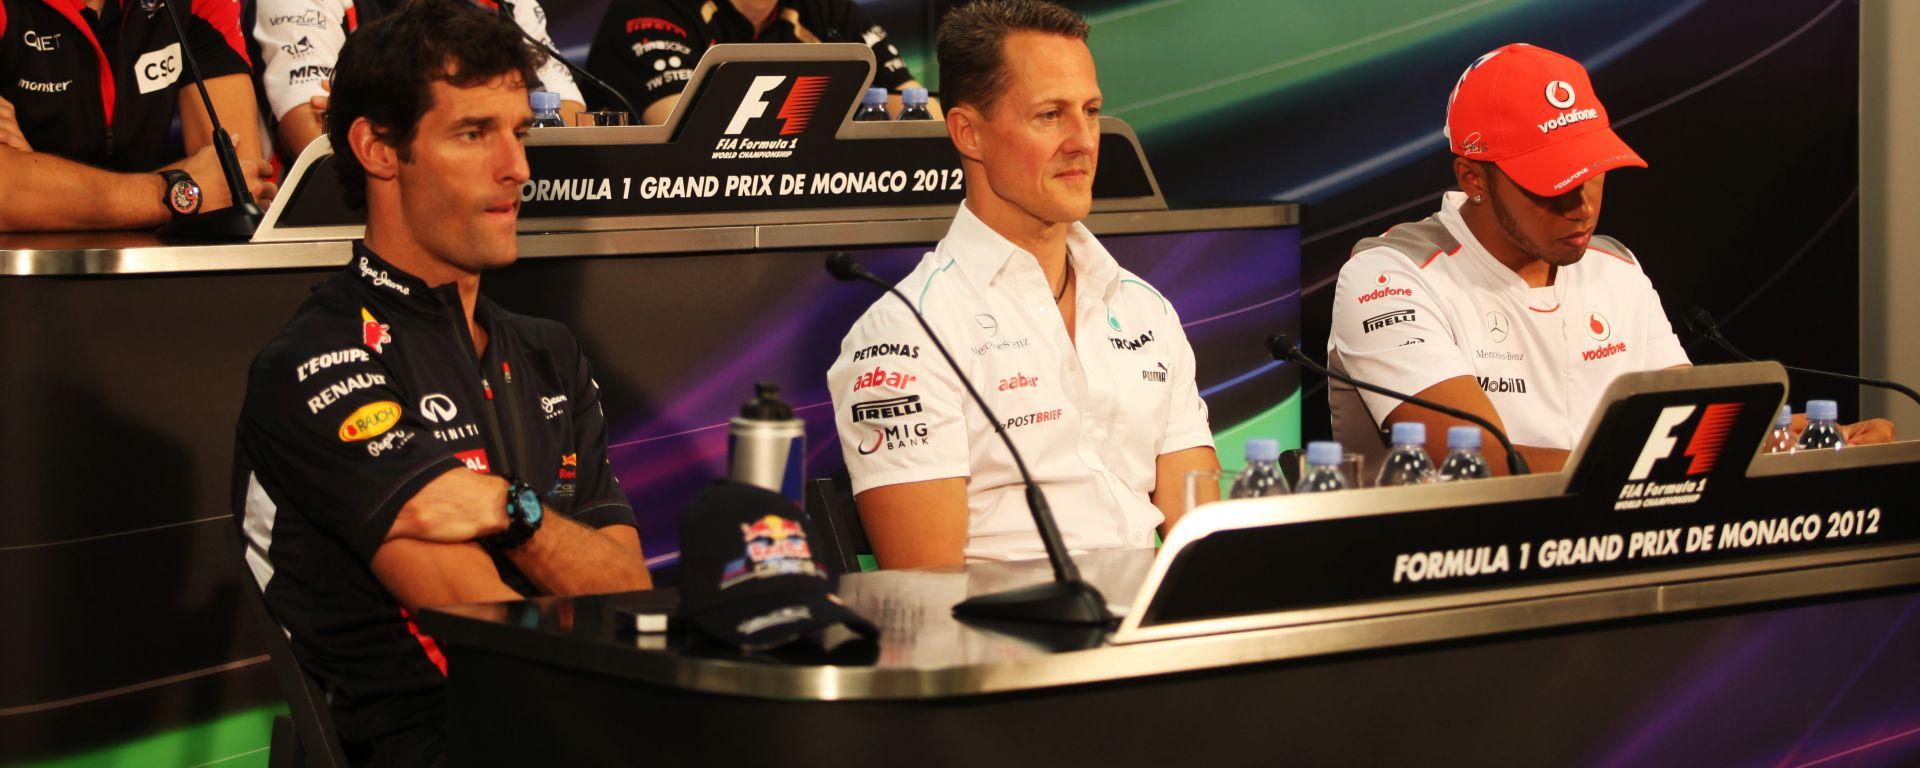 F1, GP Monaco 2012: Mark Webber (Red Bull), Michael Schumacher (Mercedes) e Lewis Hamilton (McLaren)